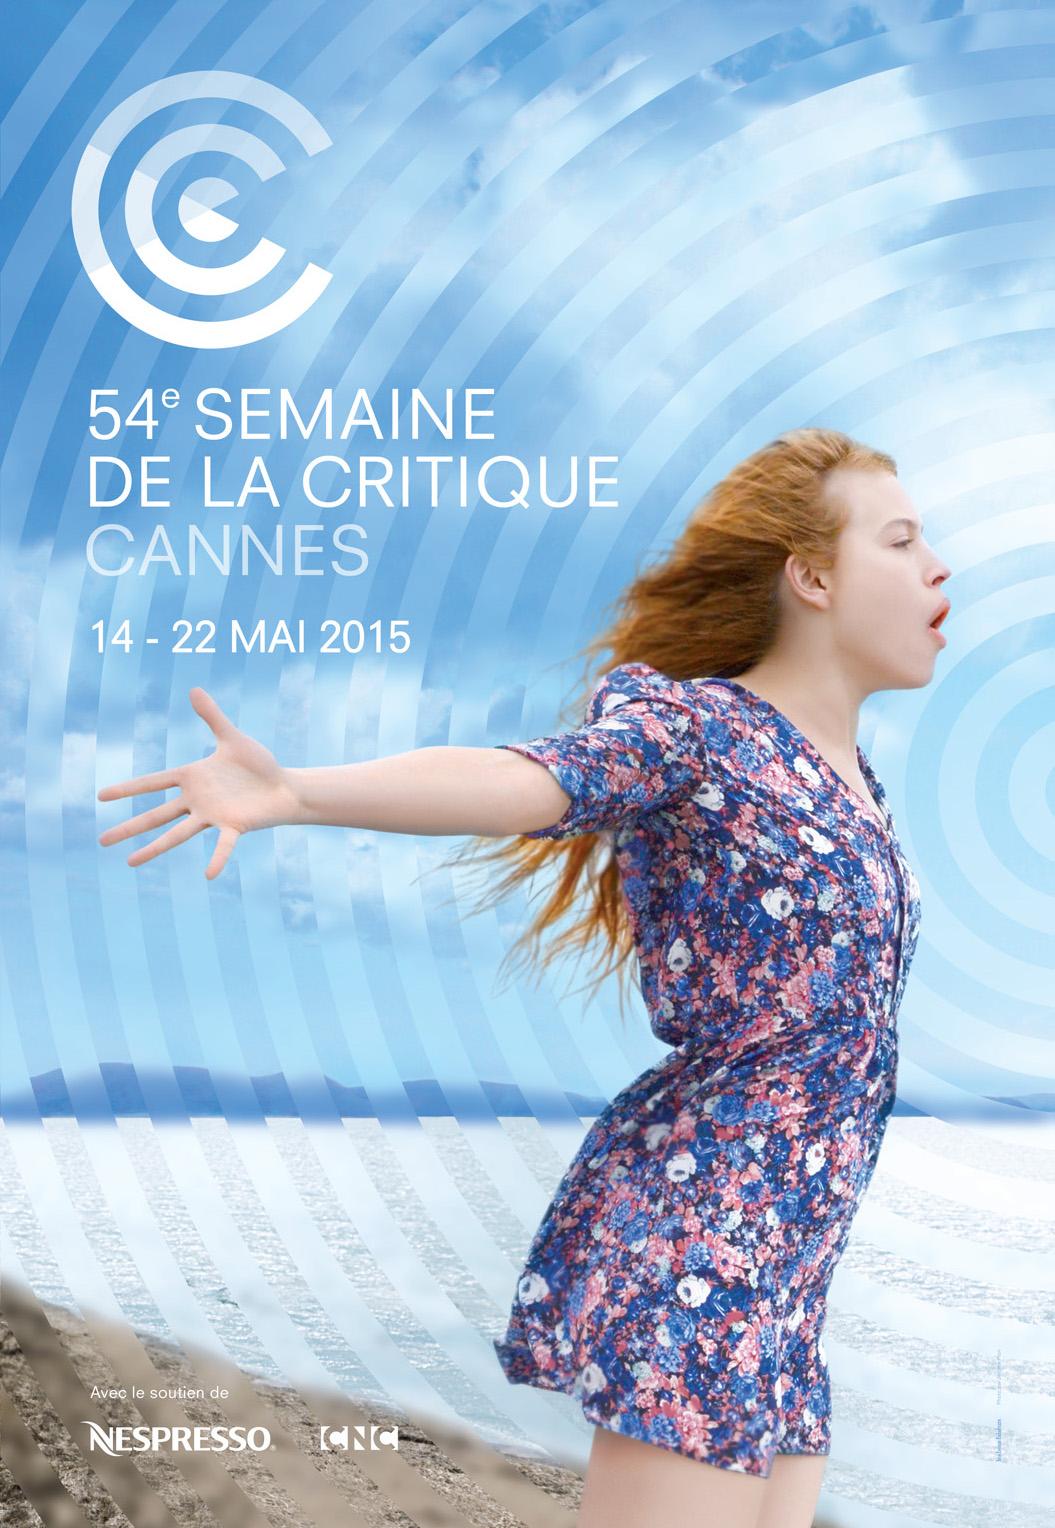 Cannes 2015_semaine_de_la_critique